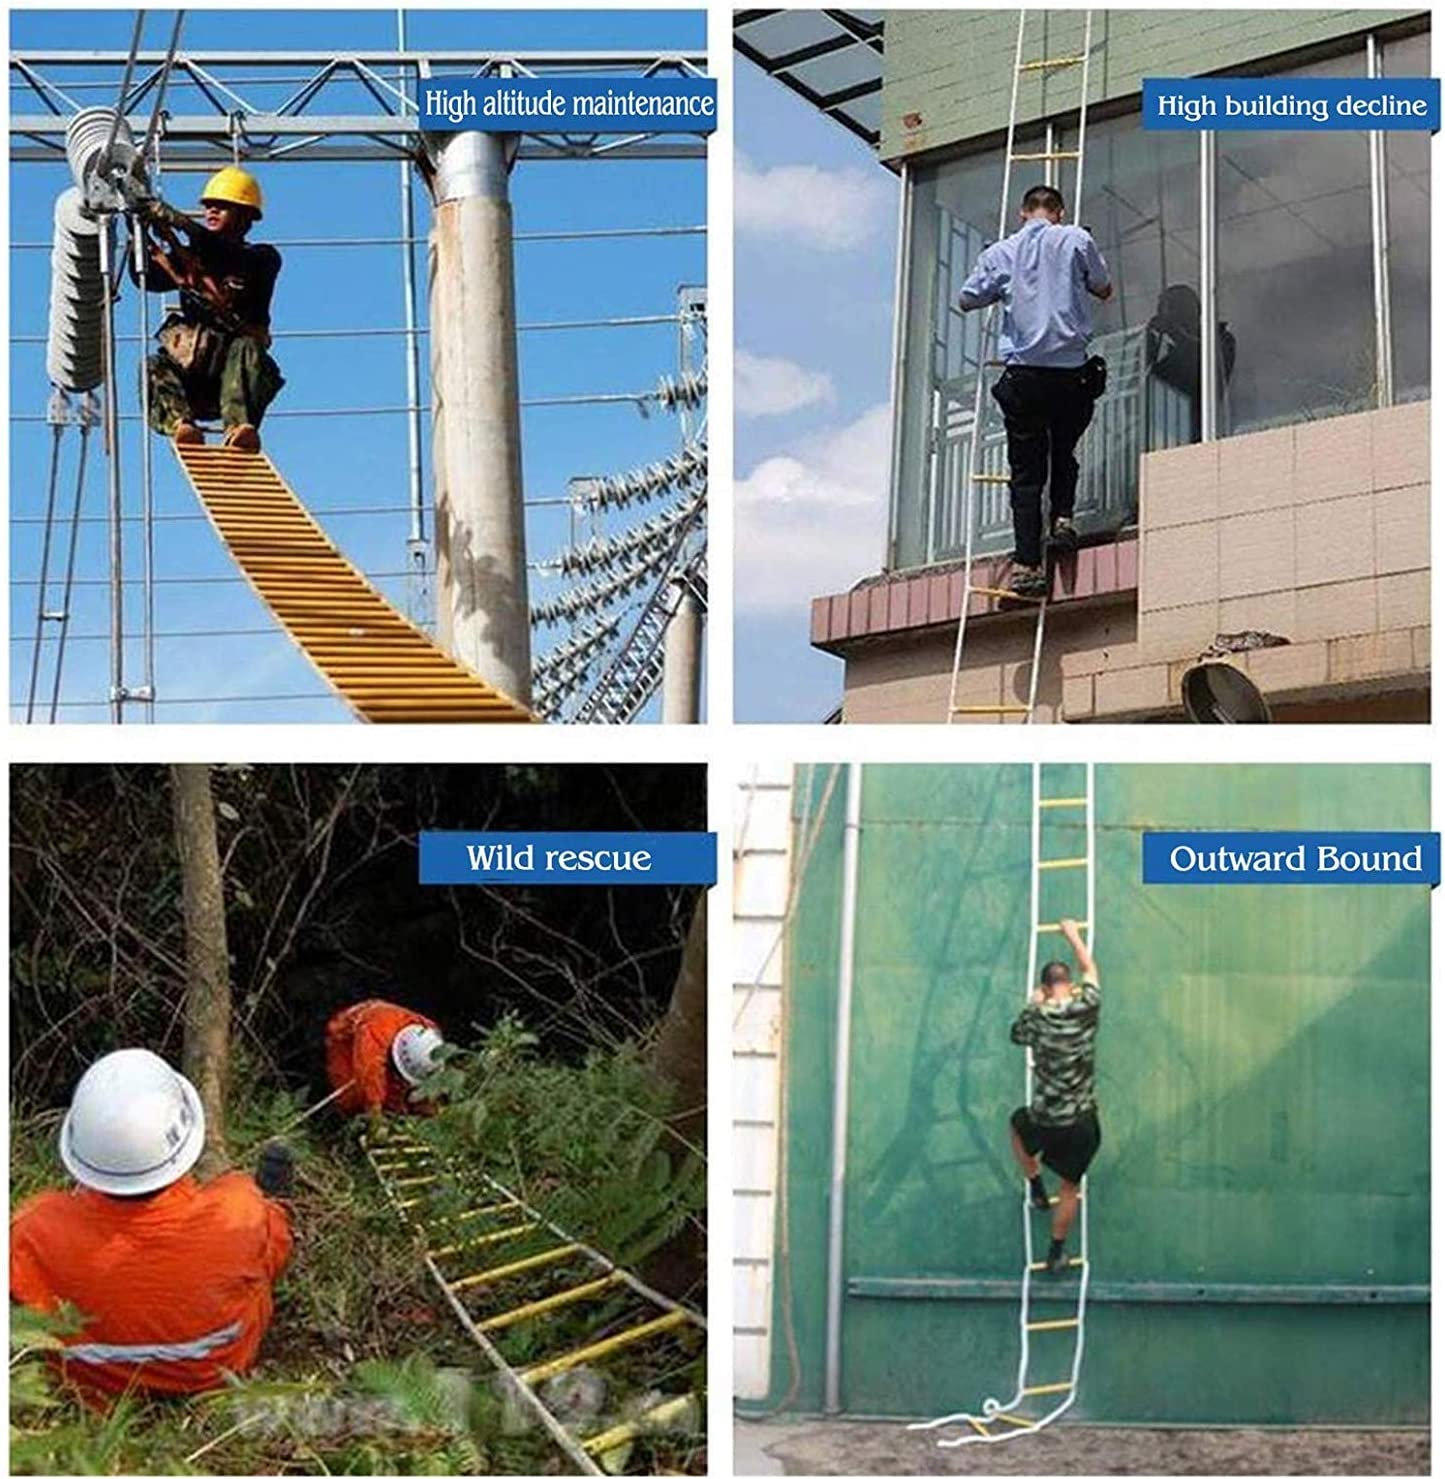 riutilizzabili Scale antincendio Resistenti alla Fiamma con Ganci e Cintura di Sicurezza RZiioo Emergency Fire Escape Rope Ladder